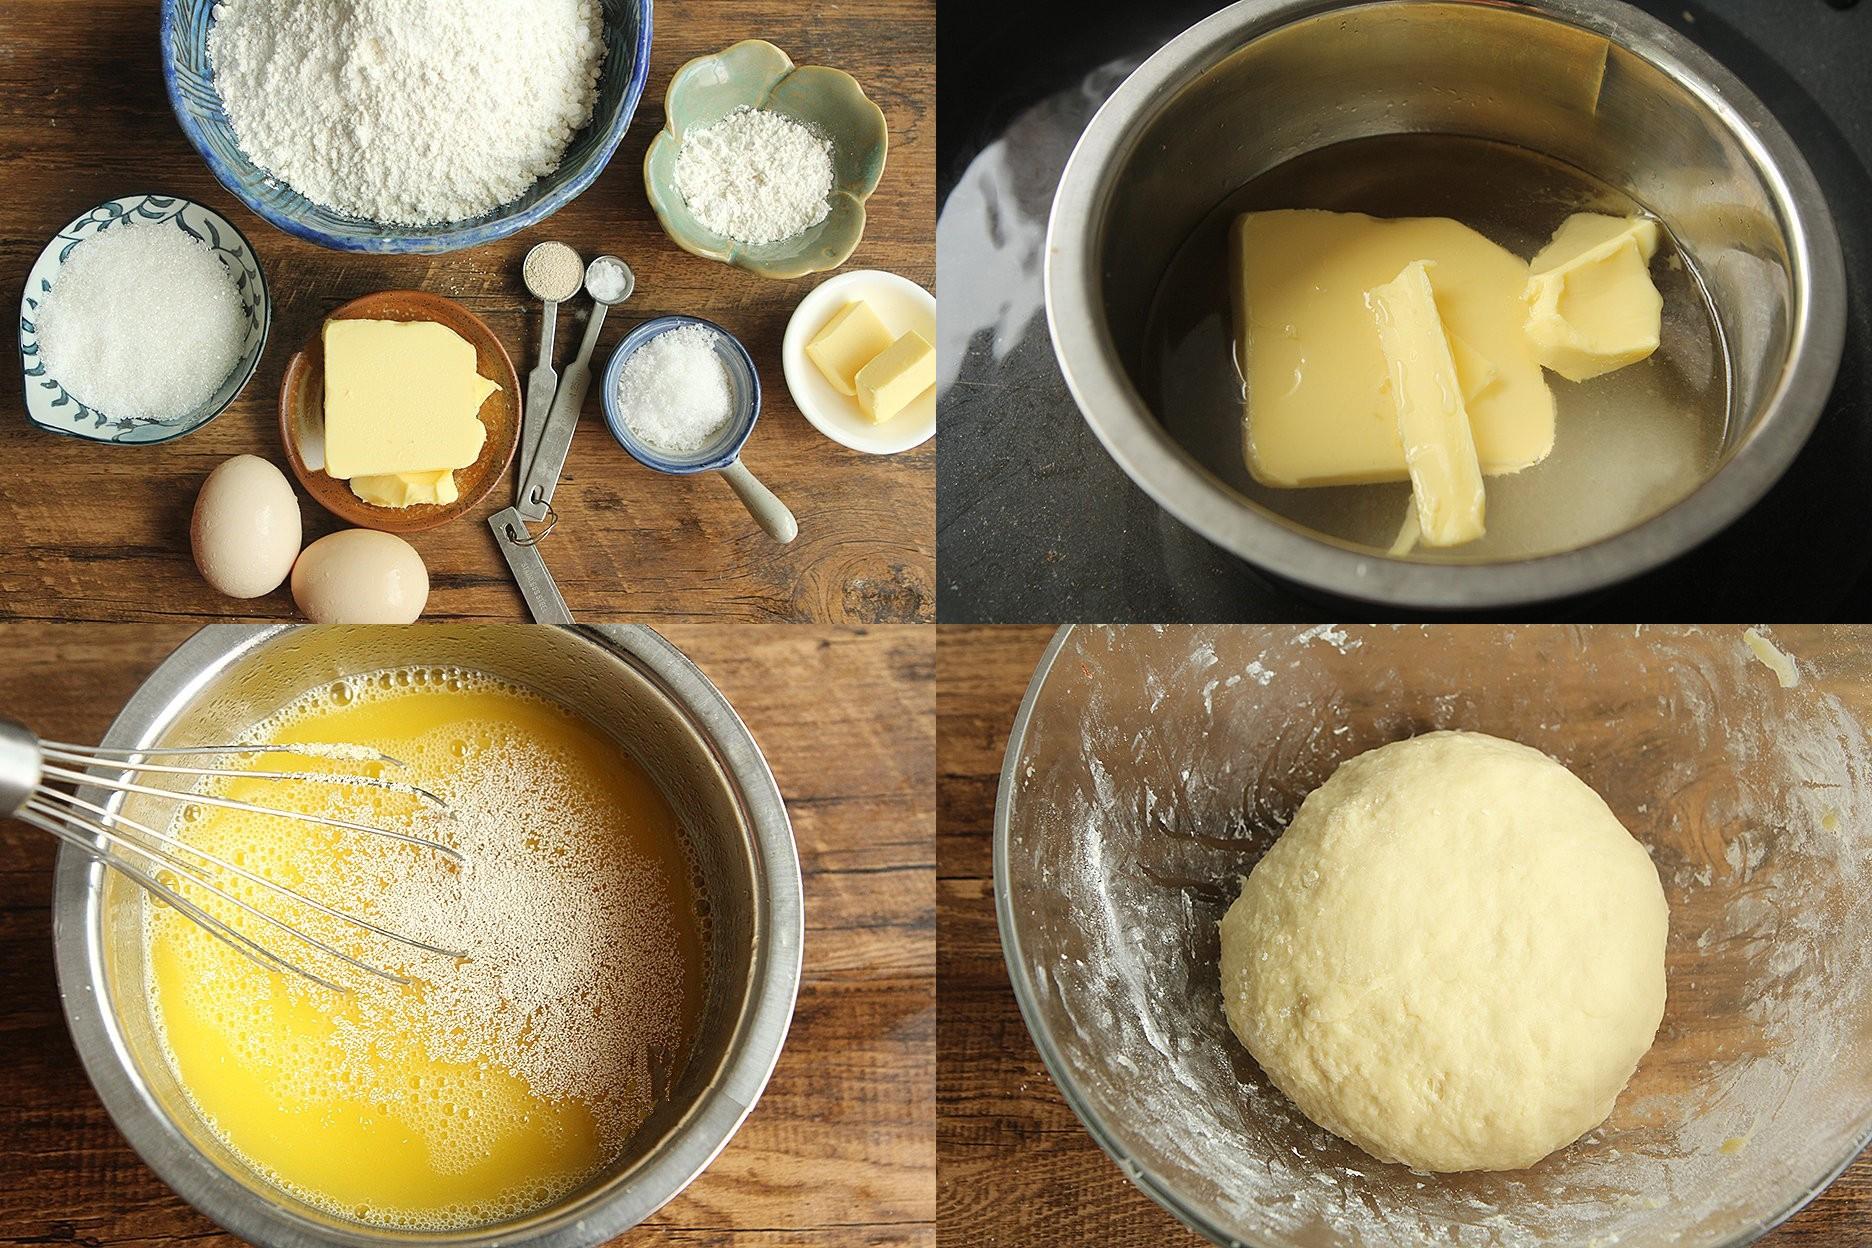 Ngạc nhiên chưa, không cần lò nướng cũng làm được bánh mì mềm ngon cực đỉnh các mẹ ơi! - Ảnh 1